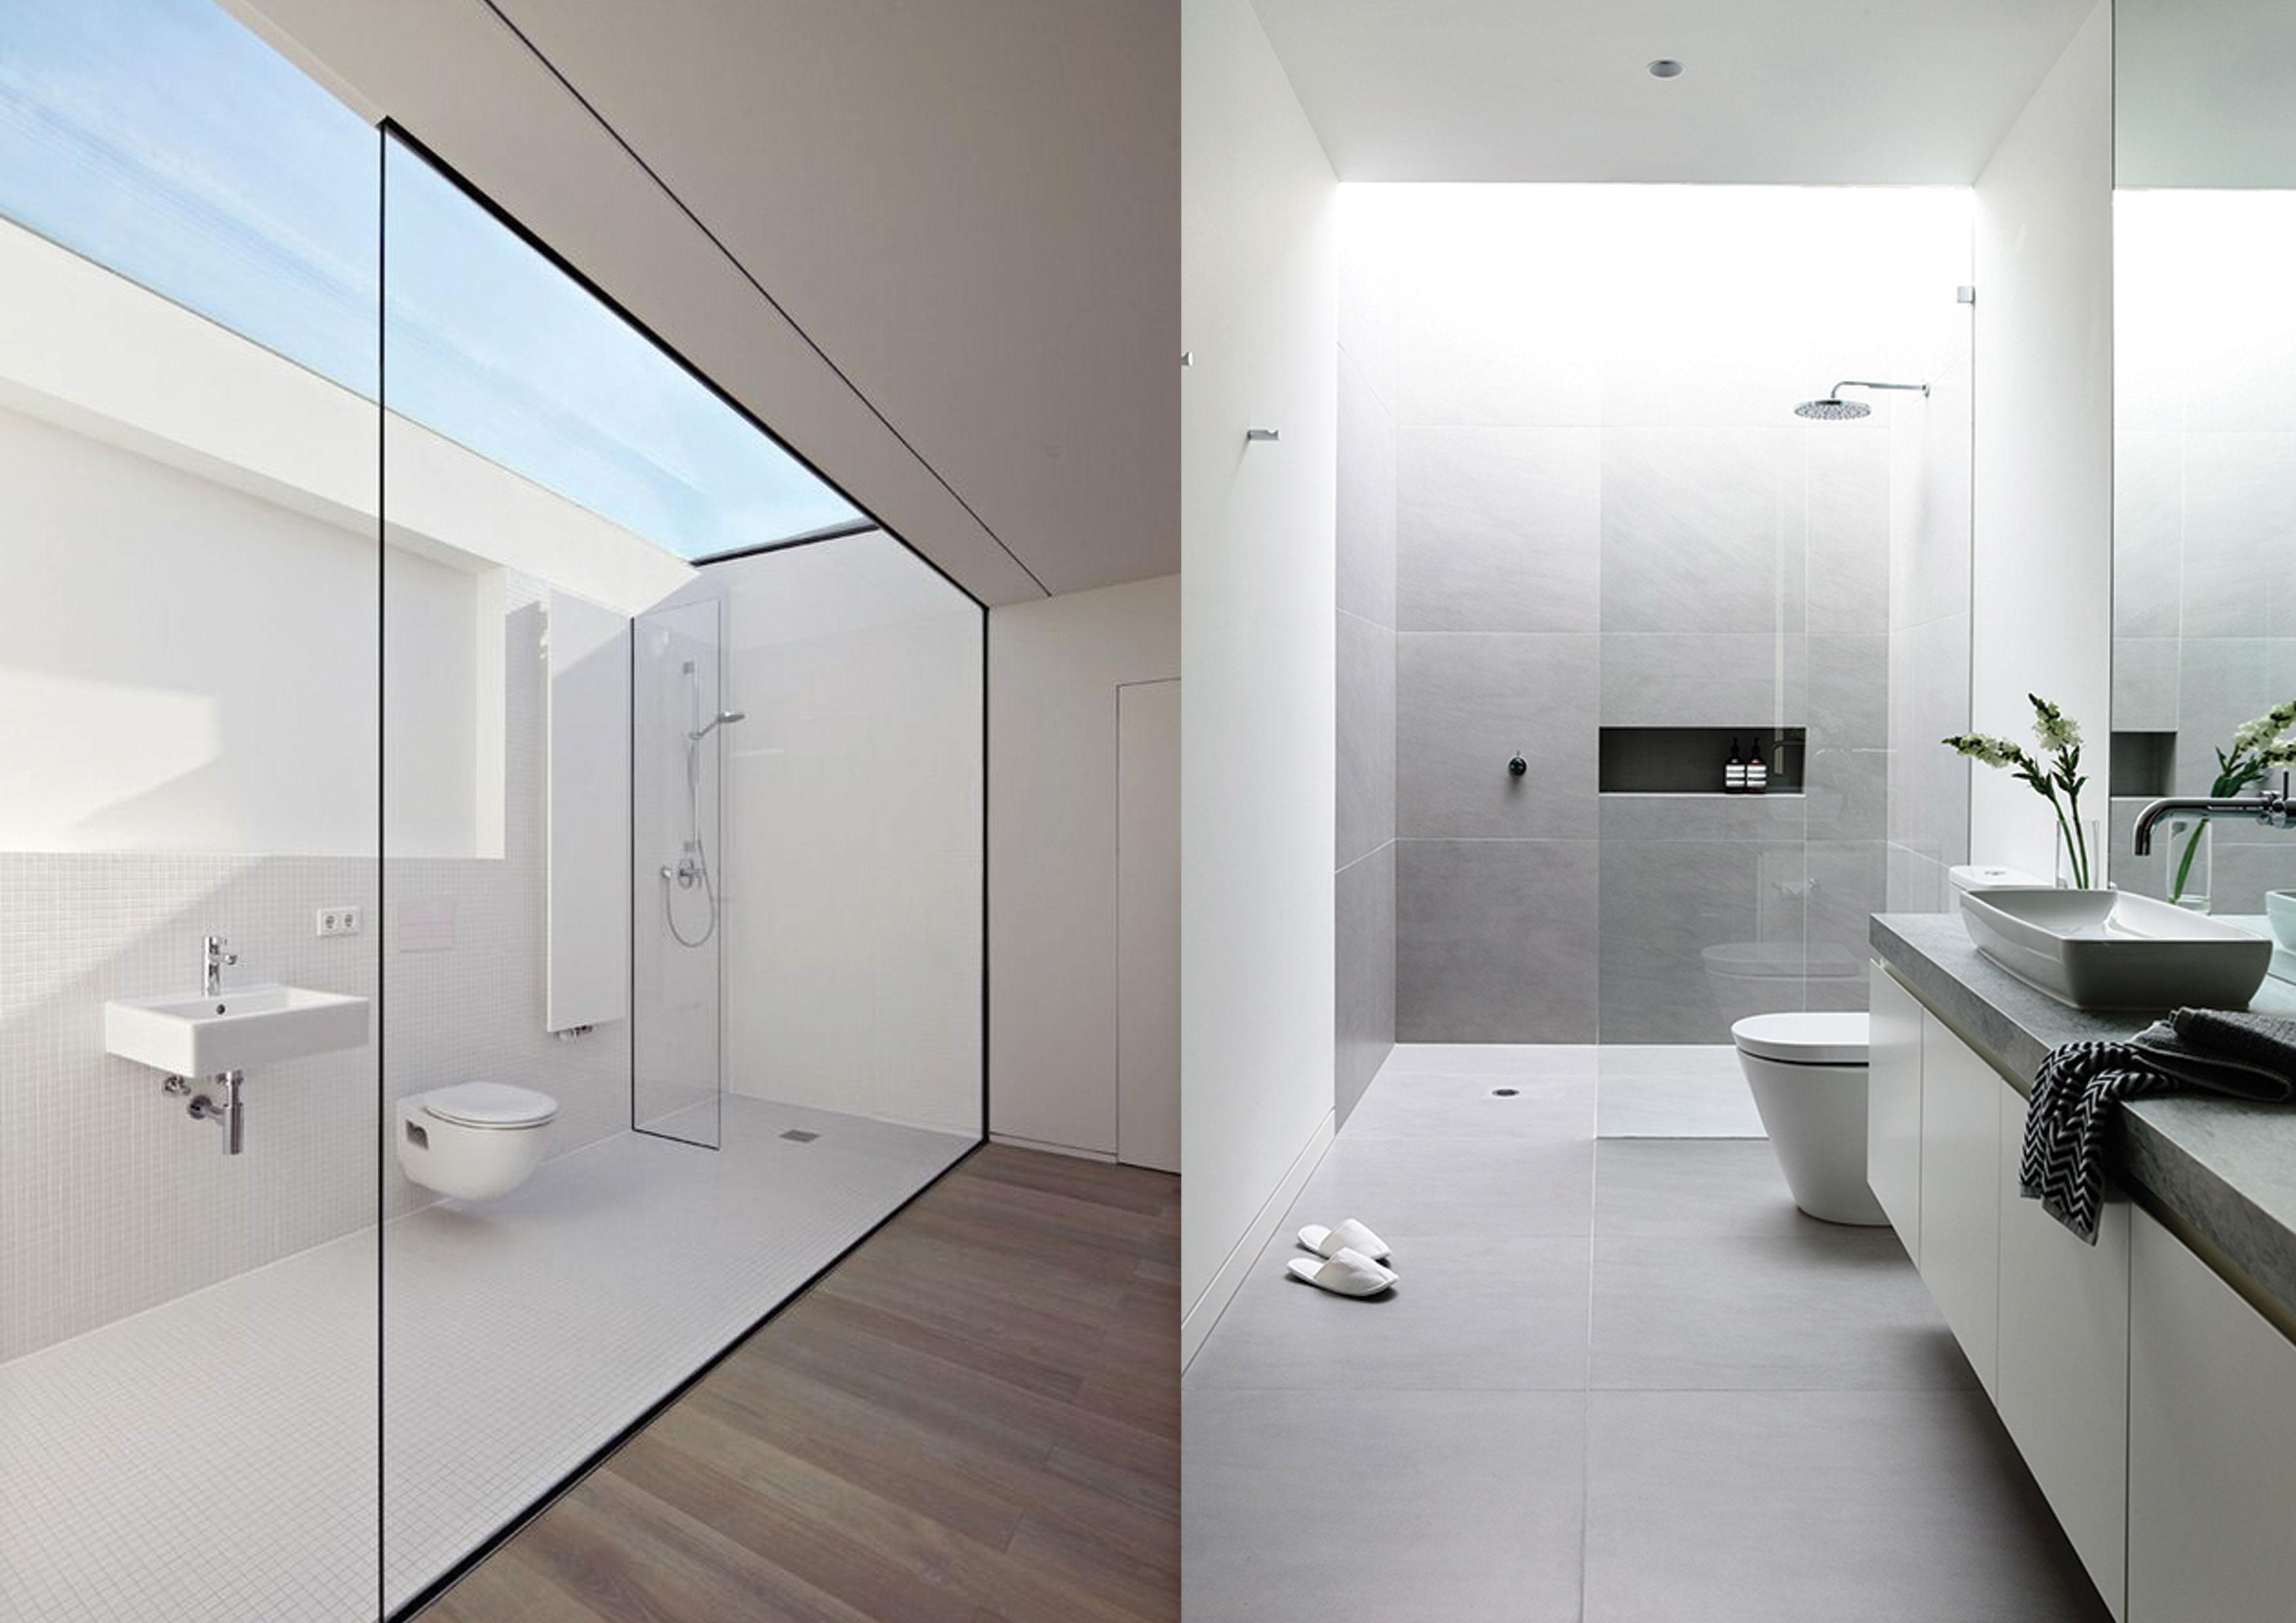 Badkamer Installateur Tips : Tips voor een nieuwe badkamer trendy de mooiste spiegels voor